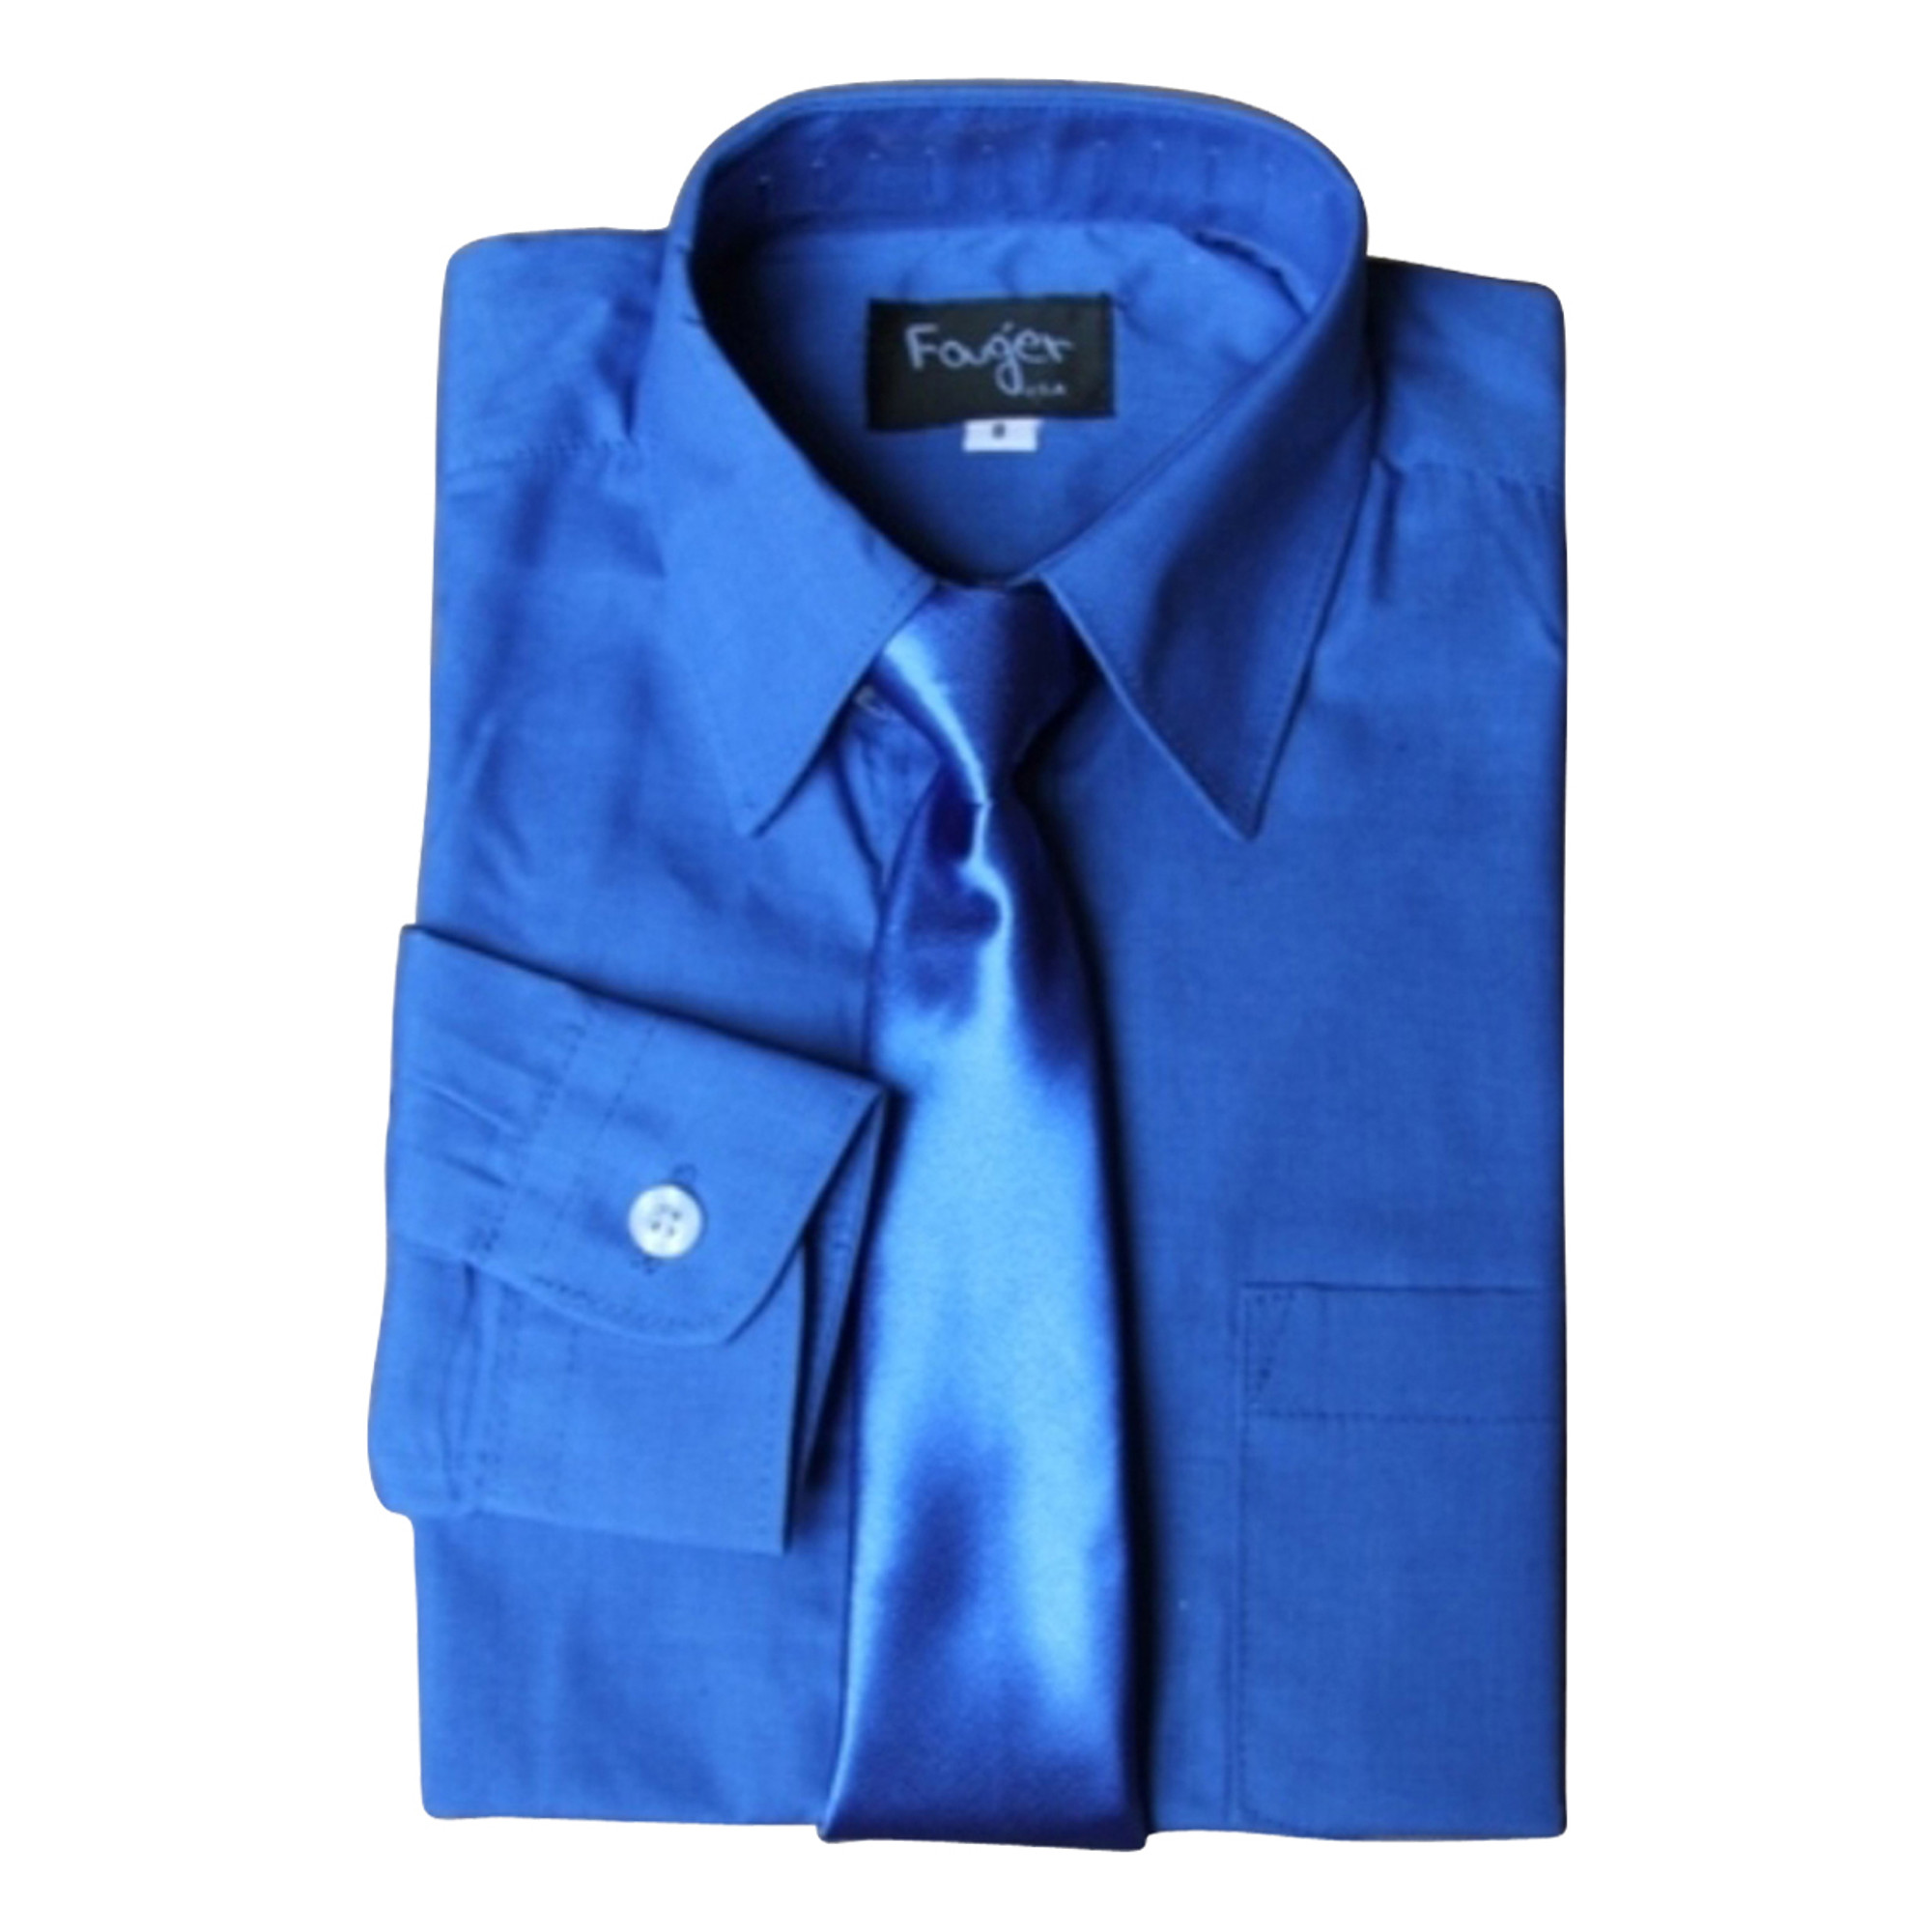 BIMARO Jungen Kinderhemd mit seidener Krawatte royal blau Hemd festlich langarm Baumwollmischung Hochzeit Taufe Kommunion